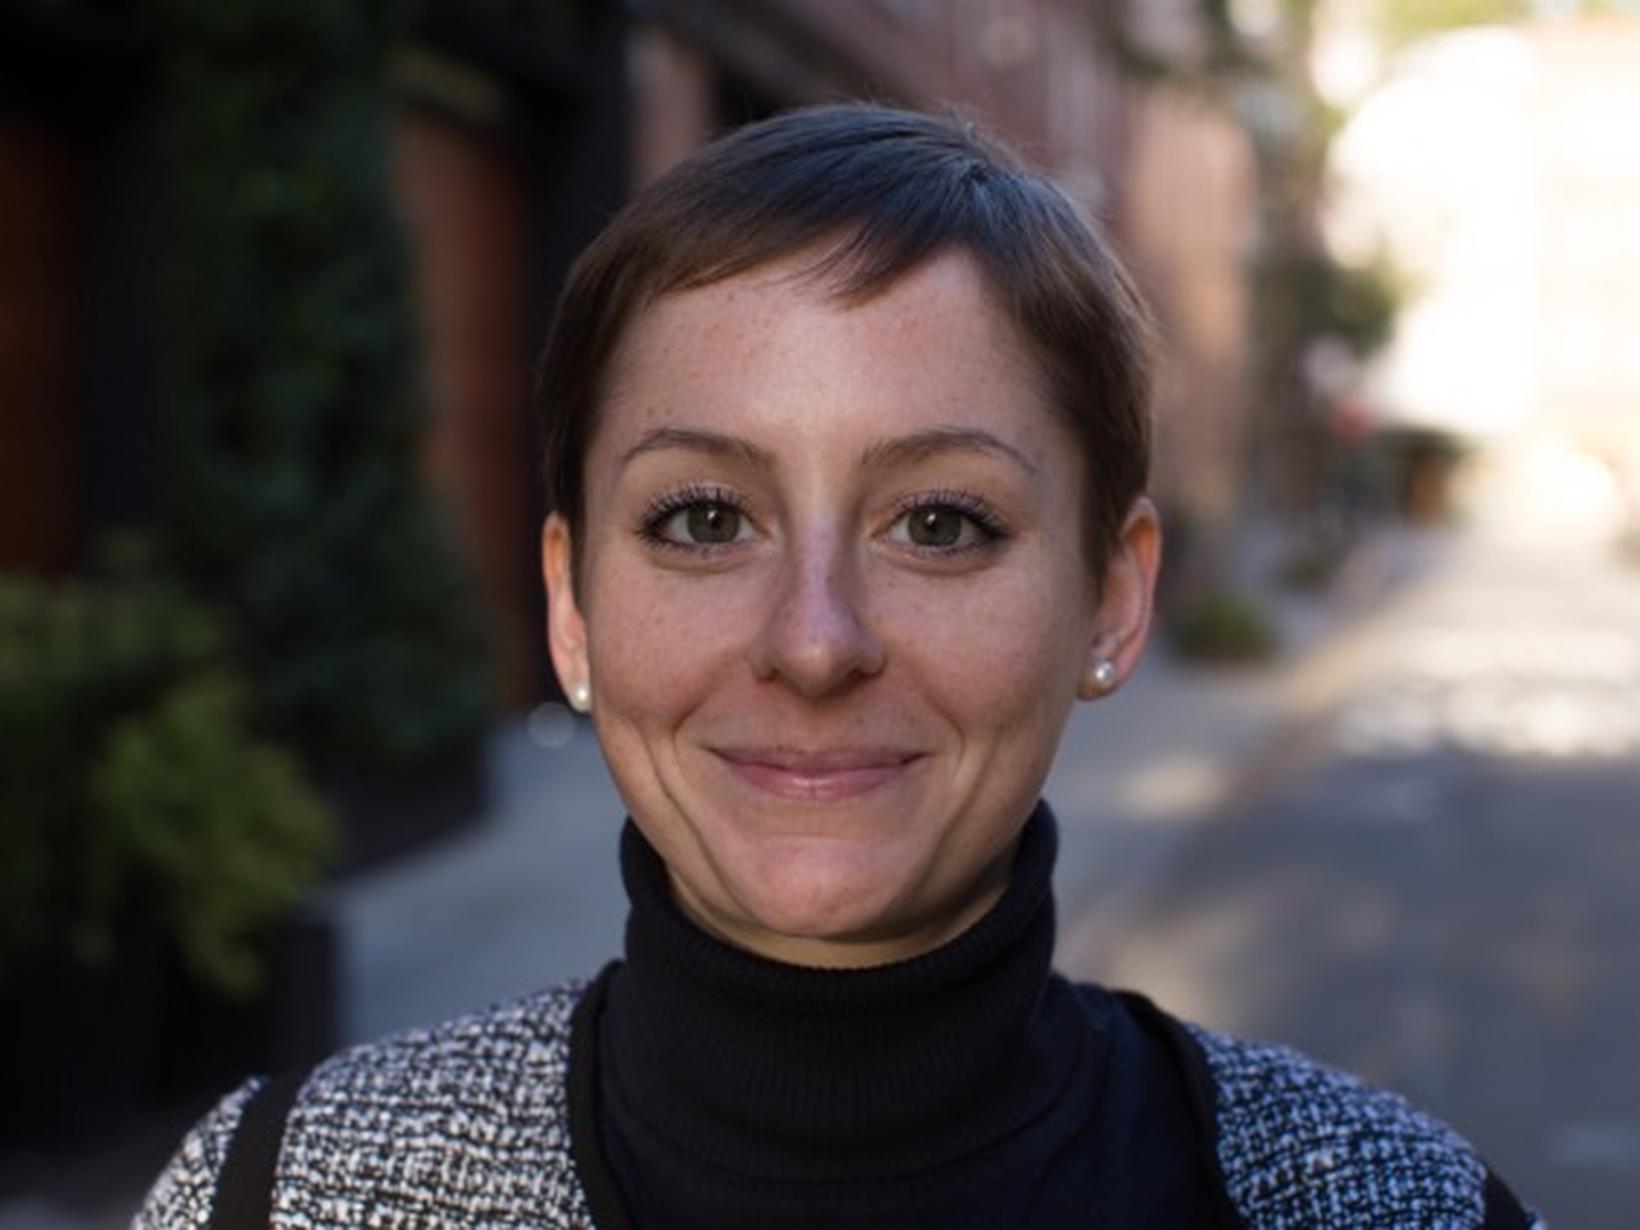 Naomi from Zürich, Switzerland